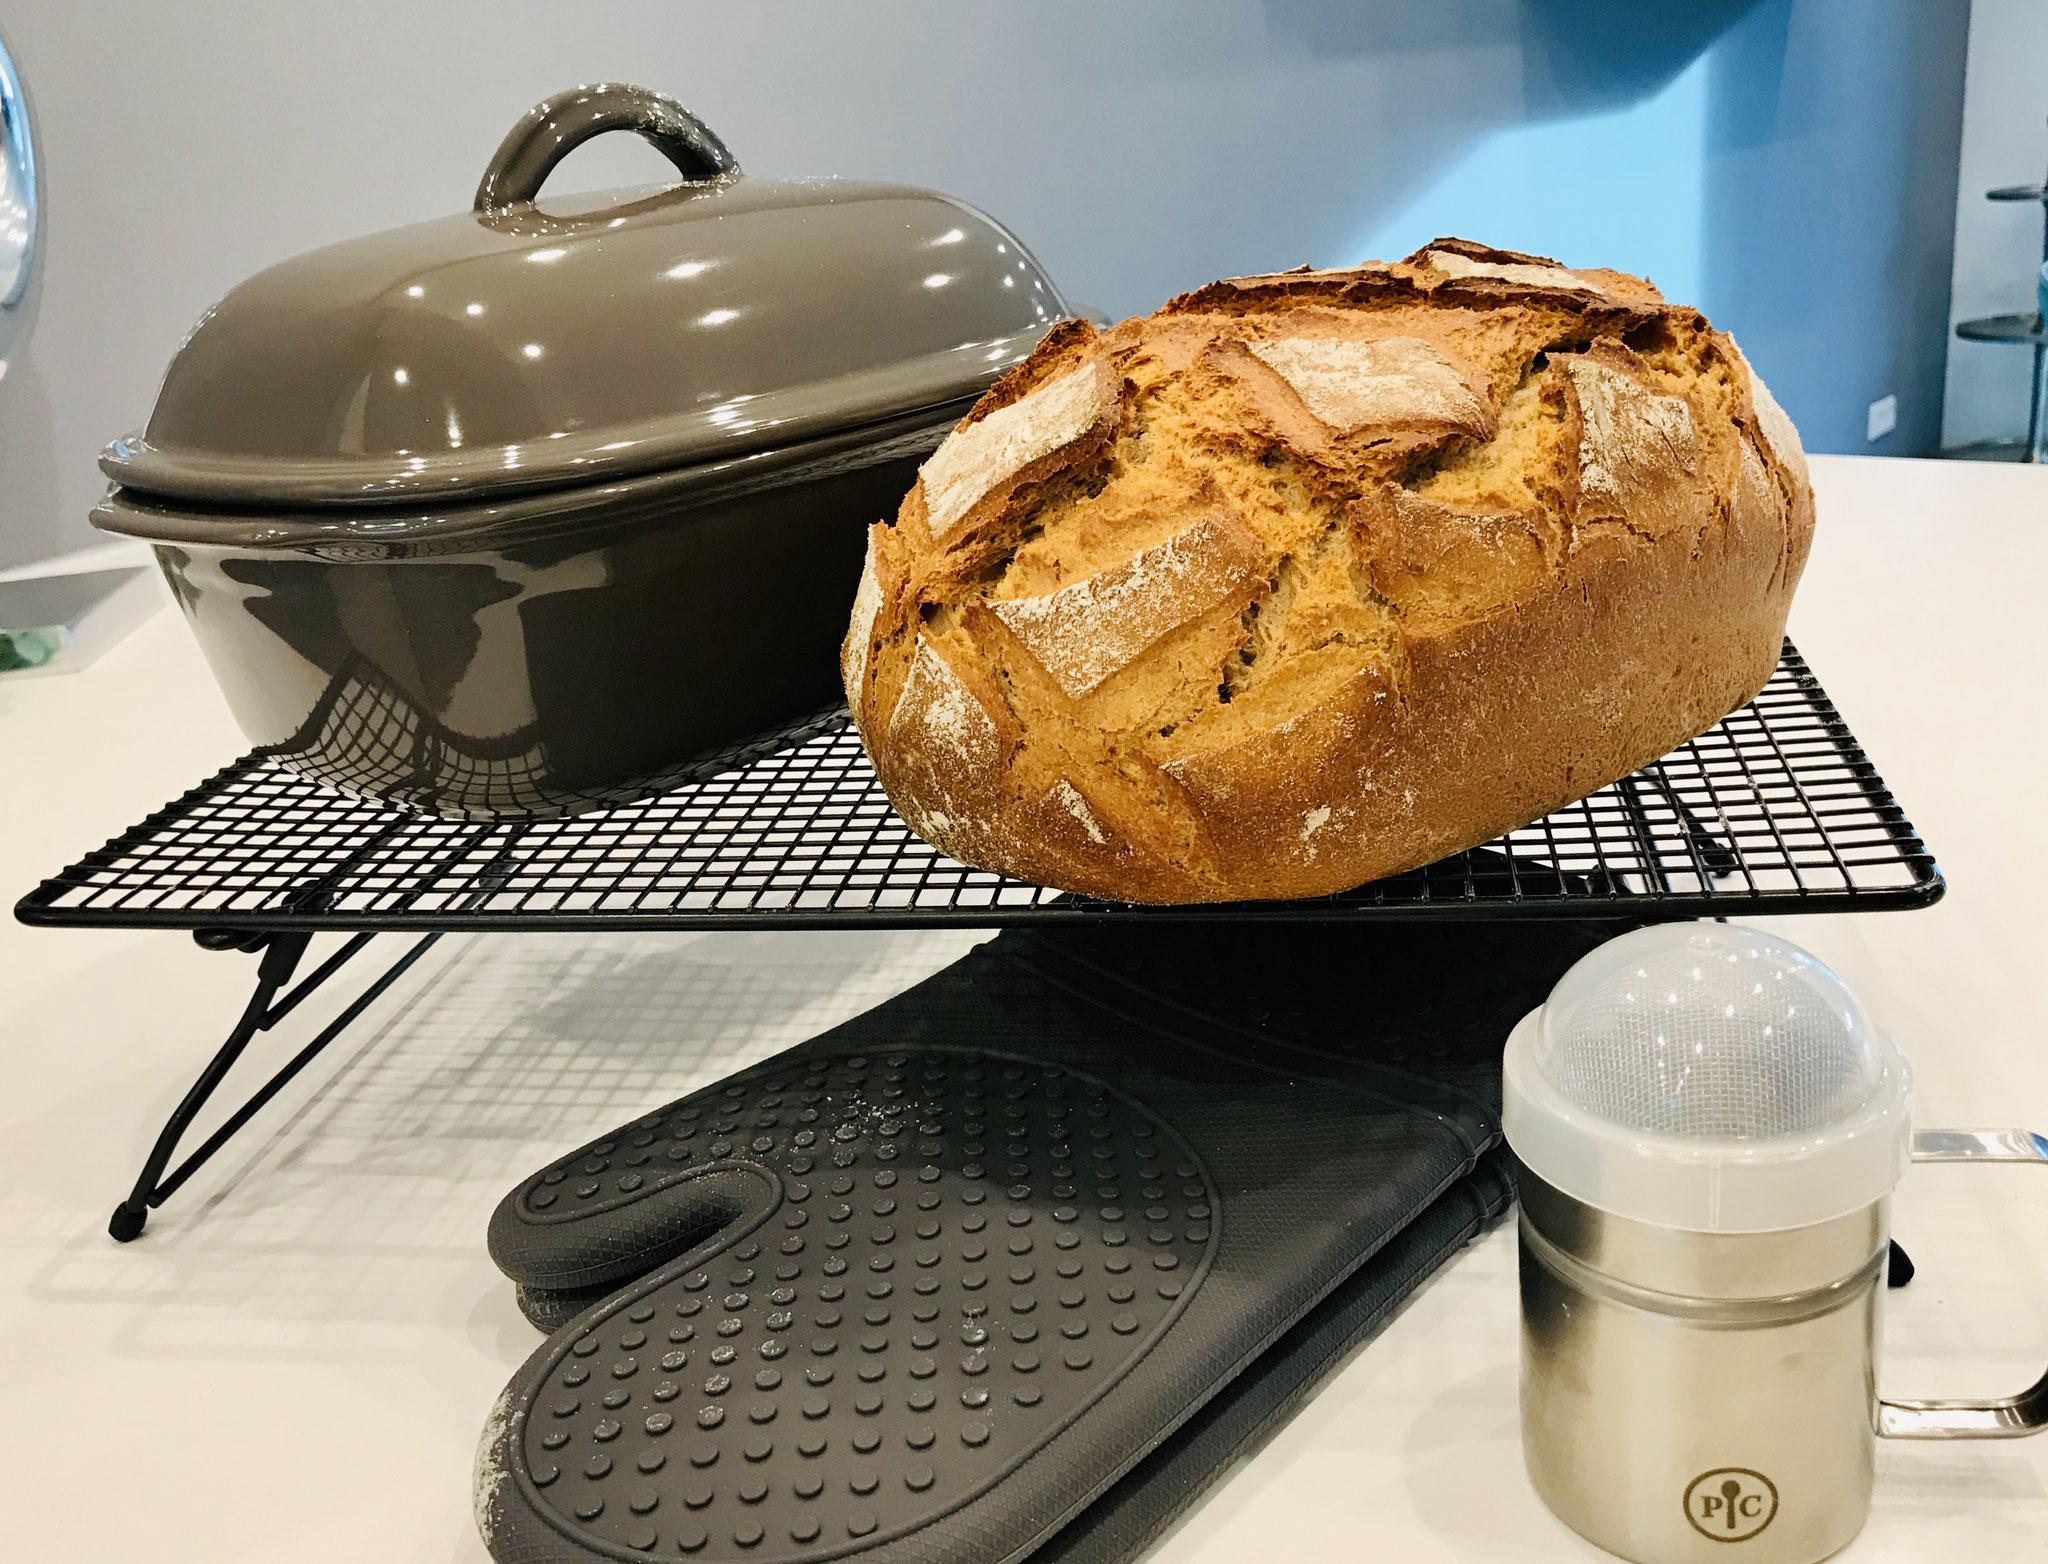 Das Brot ist so knusprig und im ganzen Haus duftet es nach frisch gebackenem Brot...